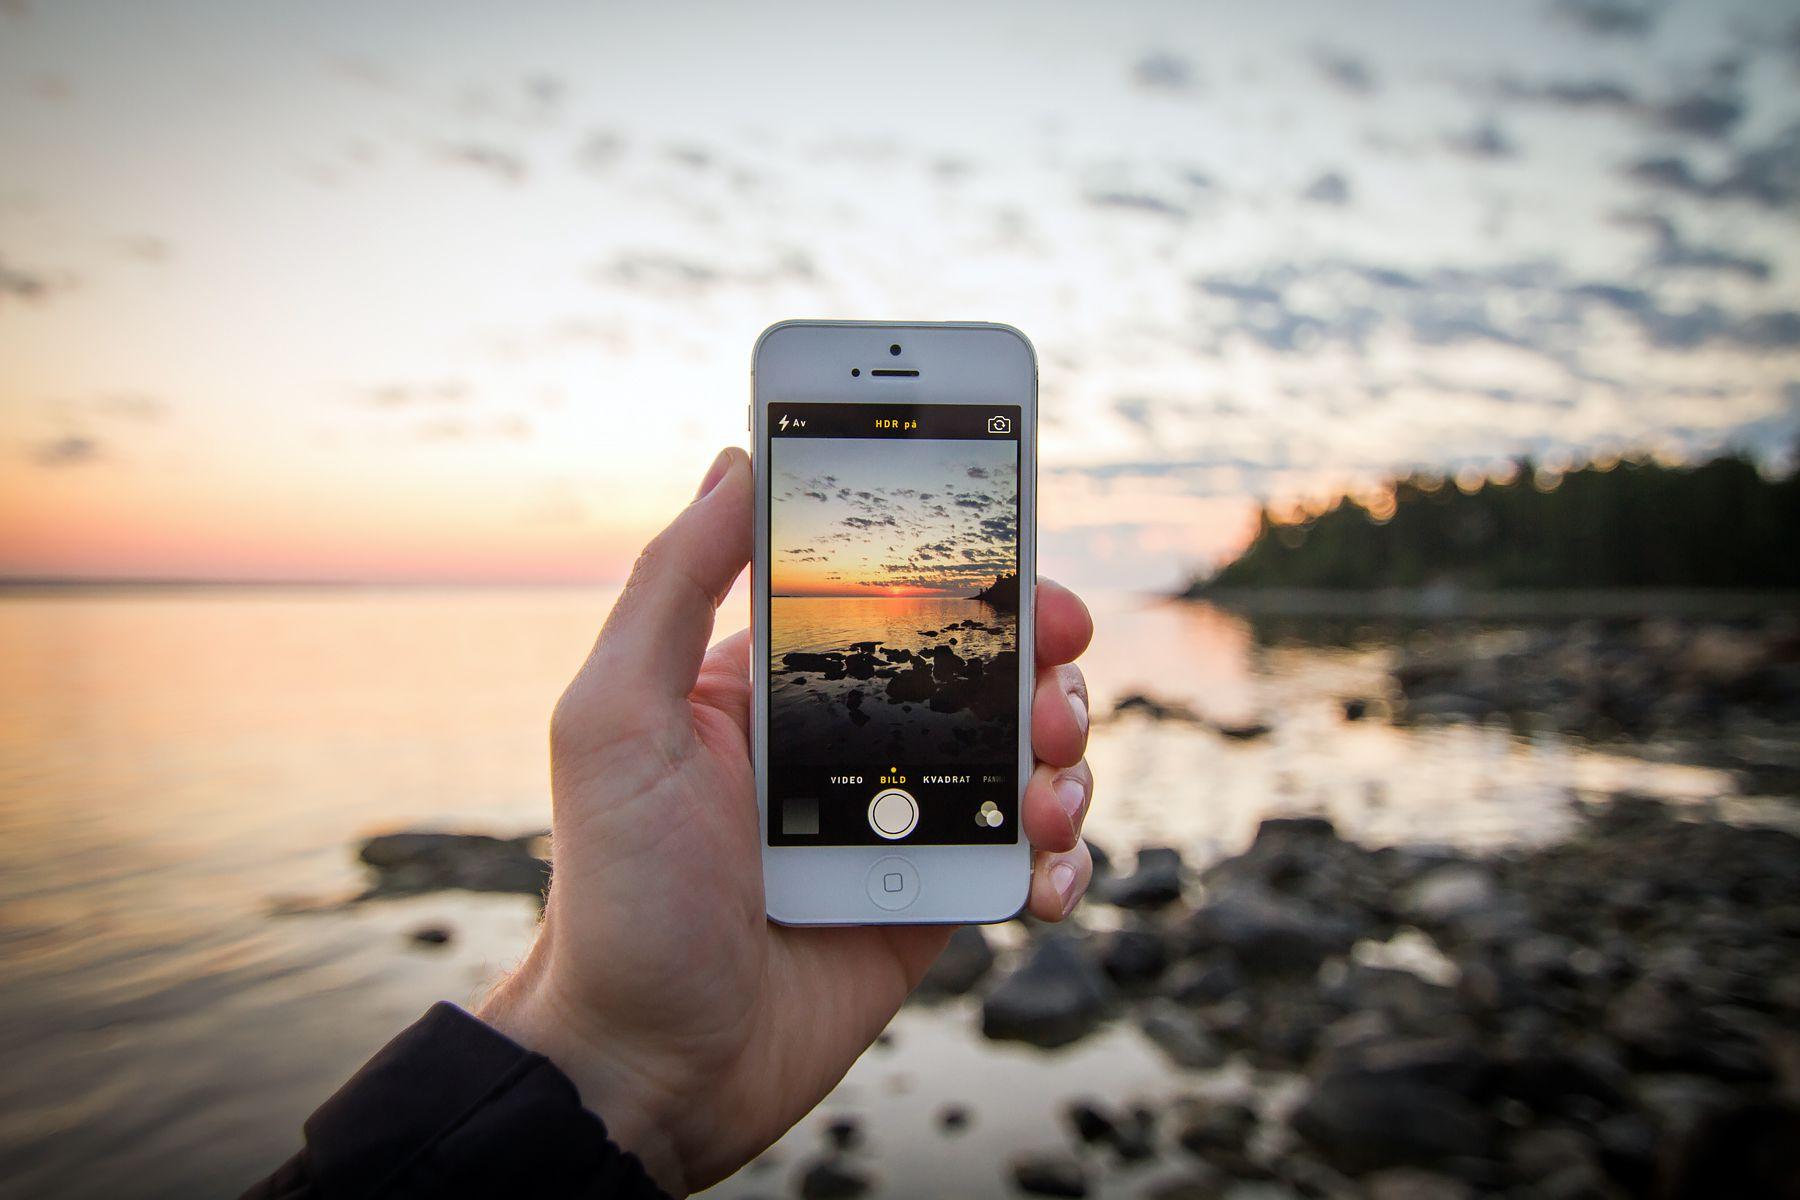 заказать, купить самая крутой редактор фото на айфон кристально чистая река